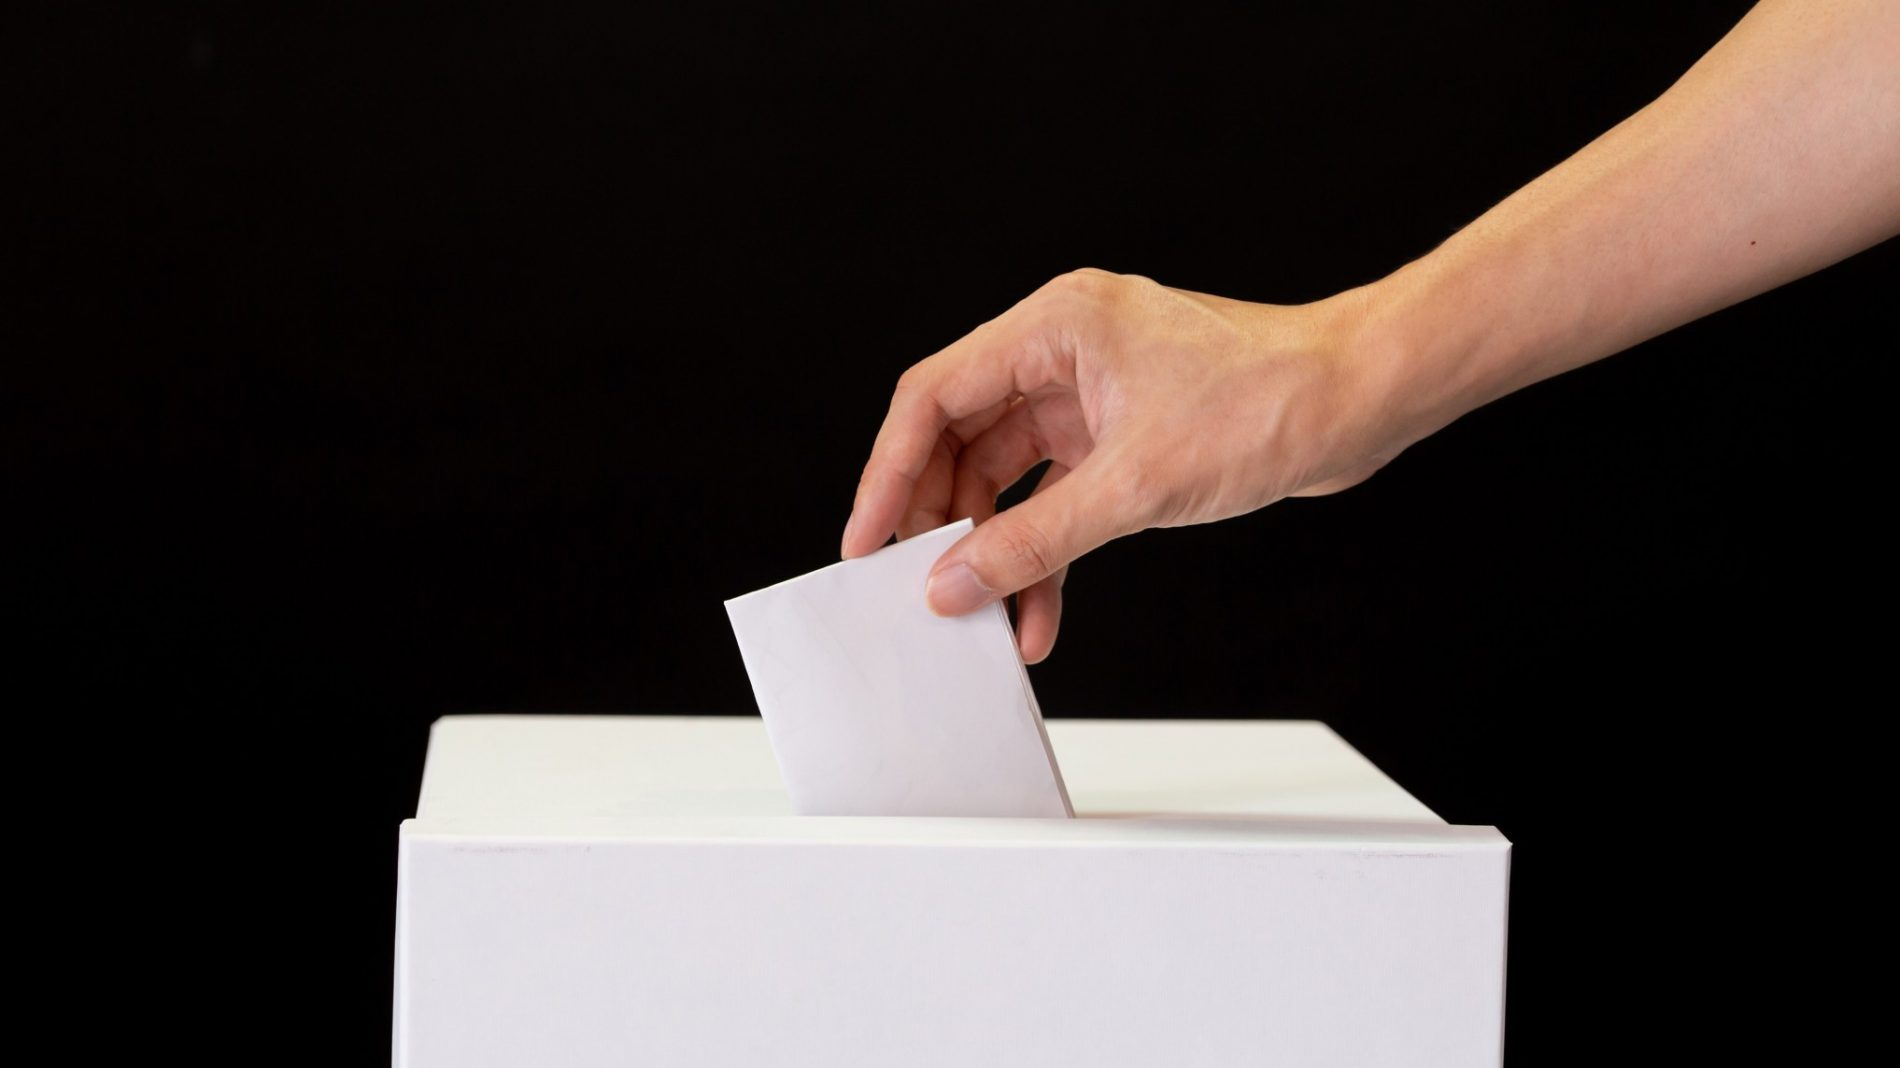 Placing vote in ballot box